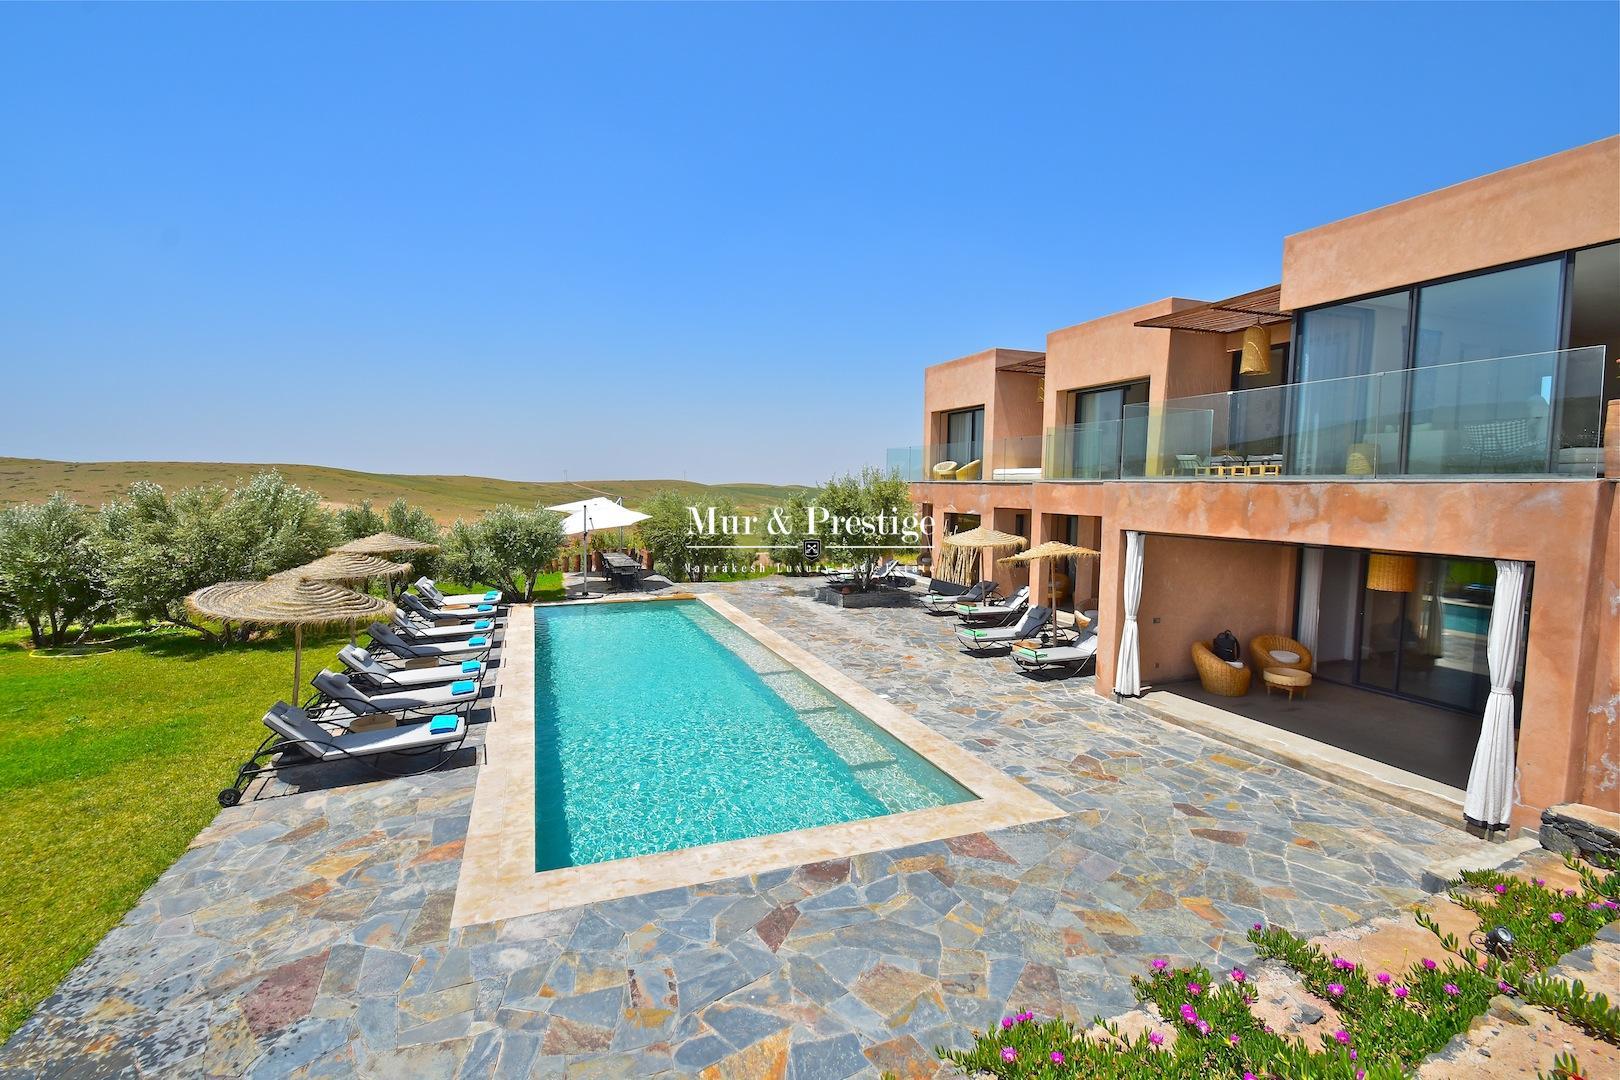 Maison en vente à Marrakech